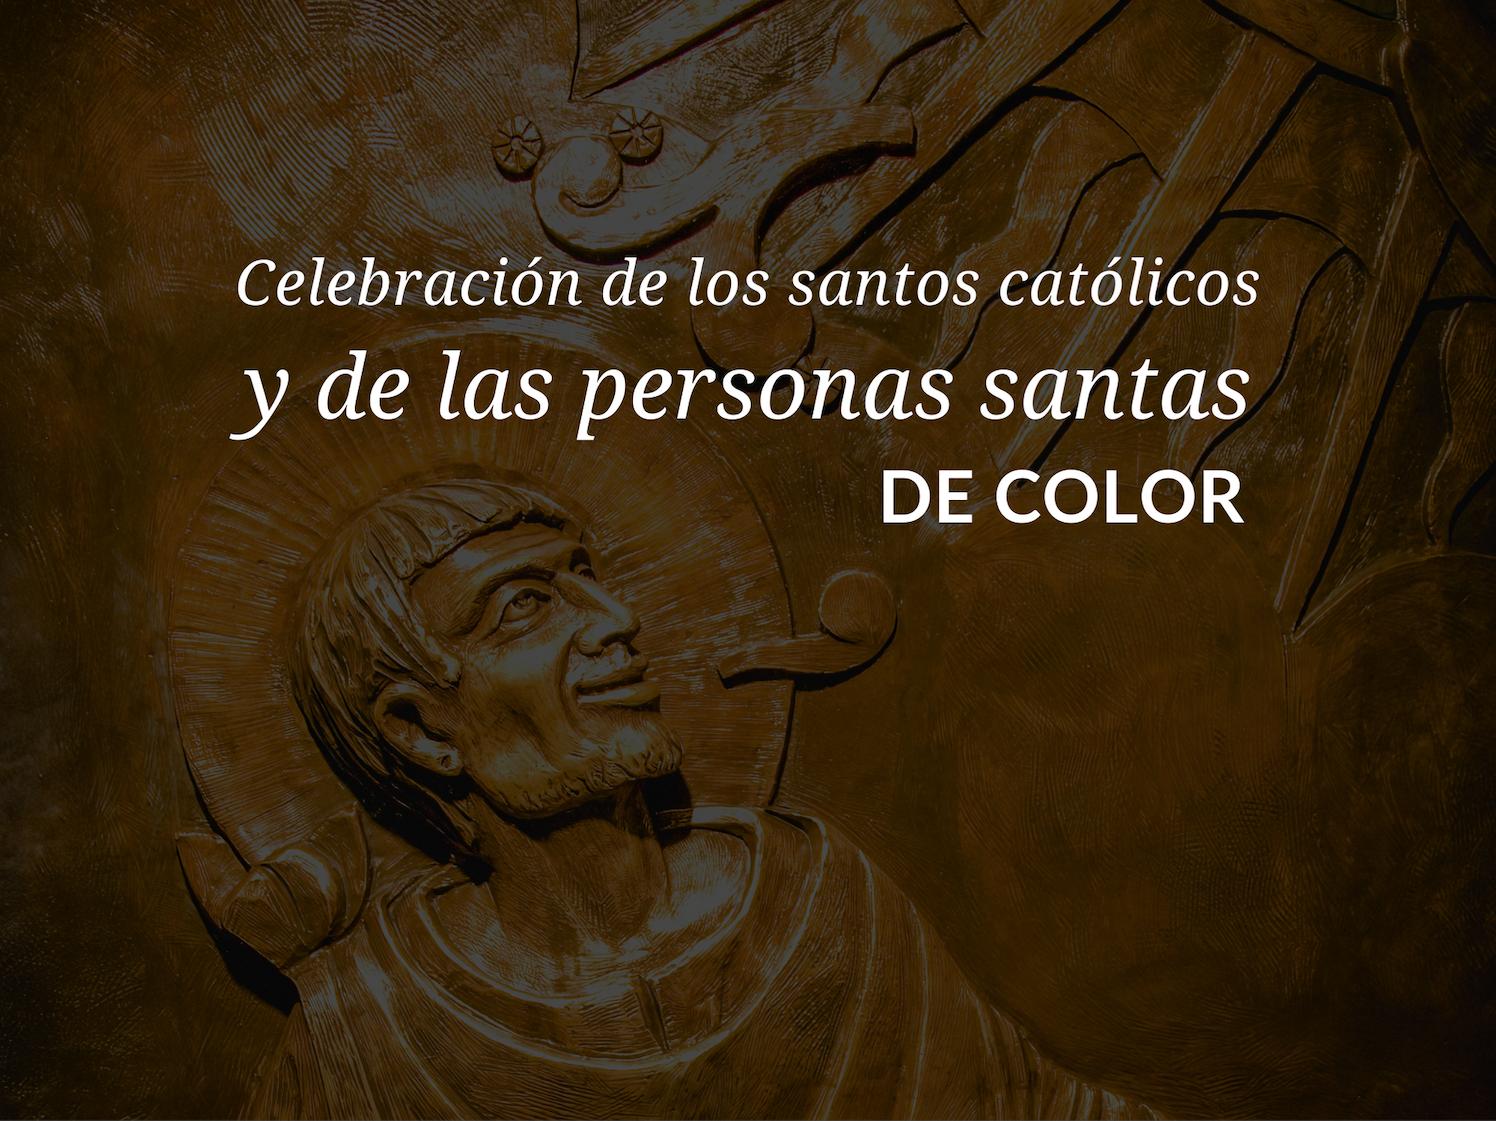 celebracion-de-los-santos-catolicos-y-de-las-personas-santas-de-color